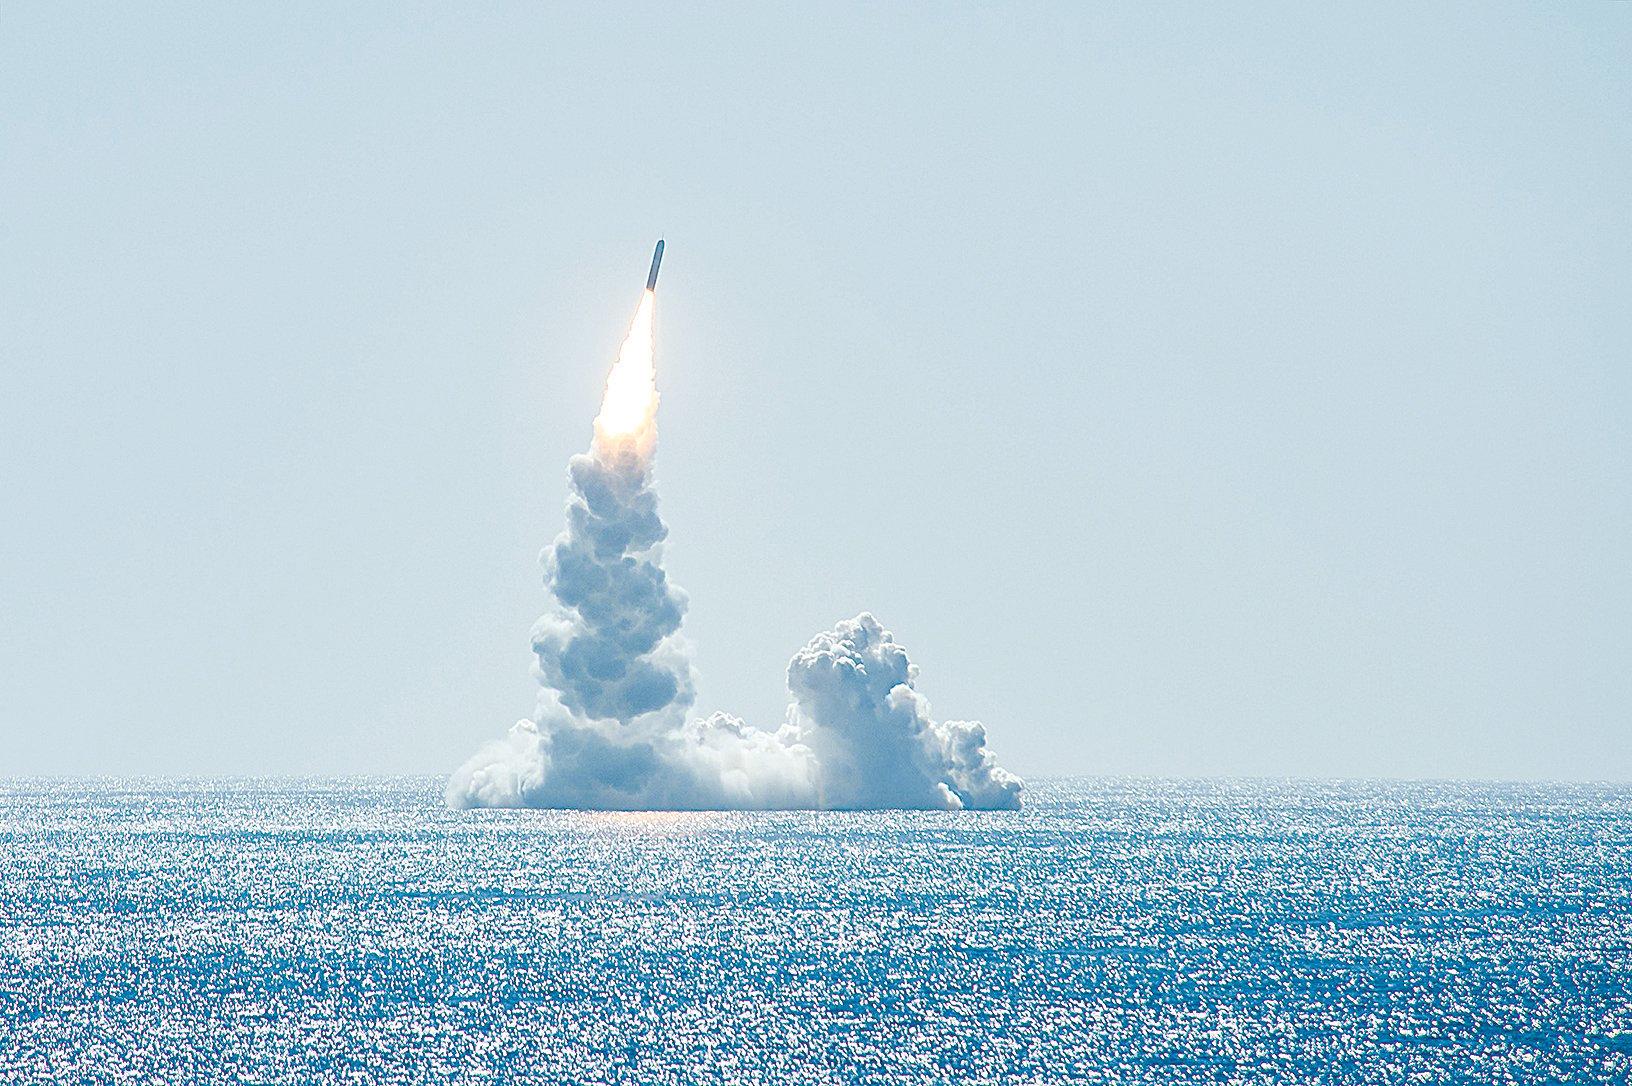 2020年2月12日,俄亥俄級戰略核潛艇在加州外海發射三叉戟II D-5彈道導彈。(美國海軍)